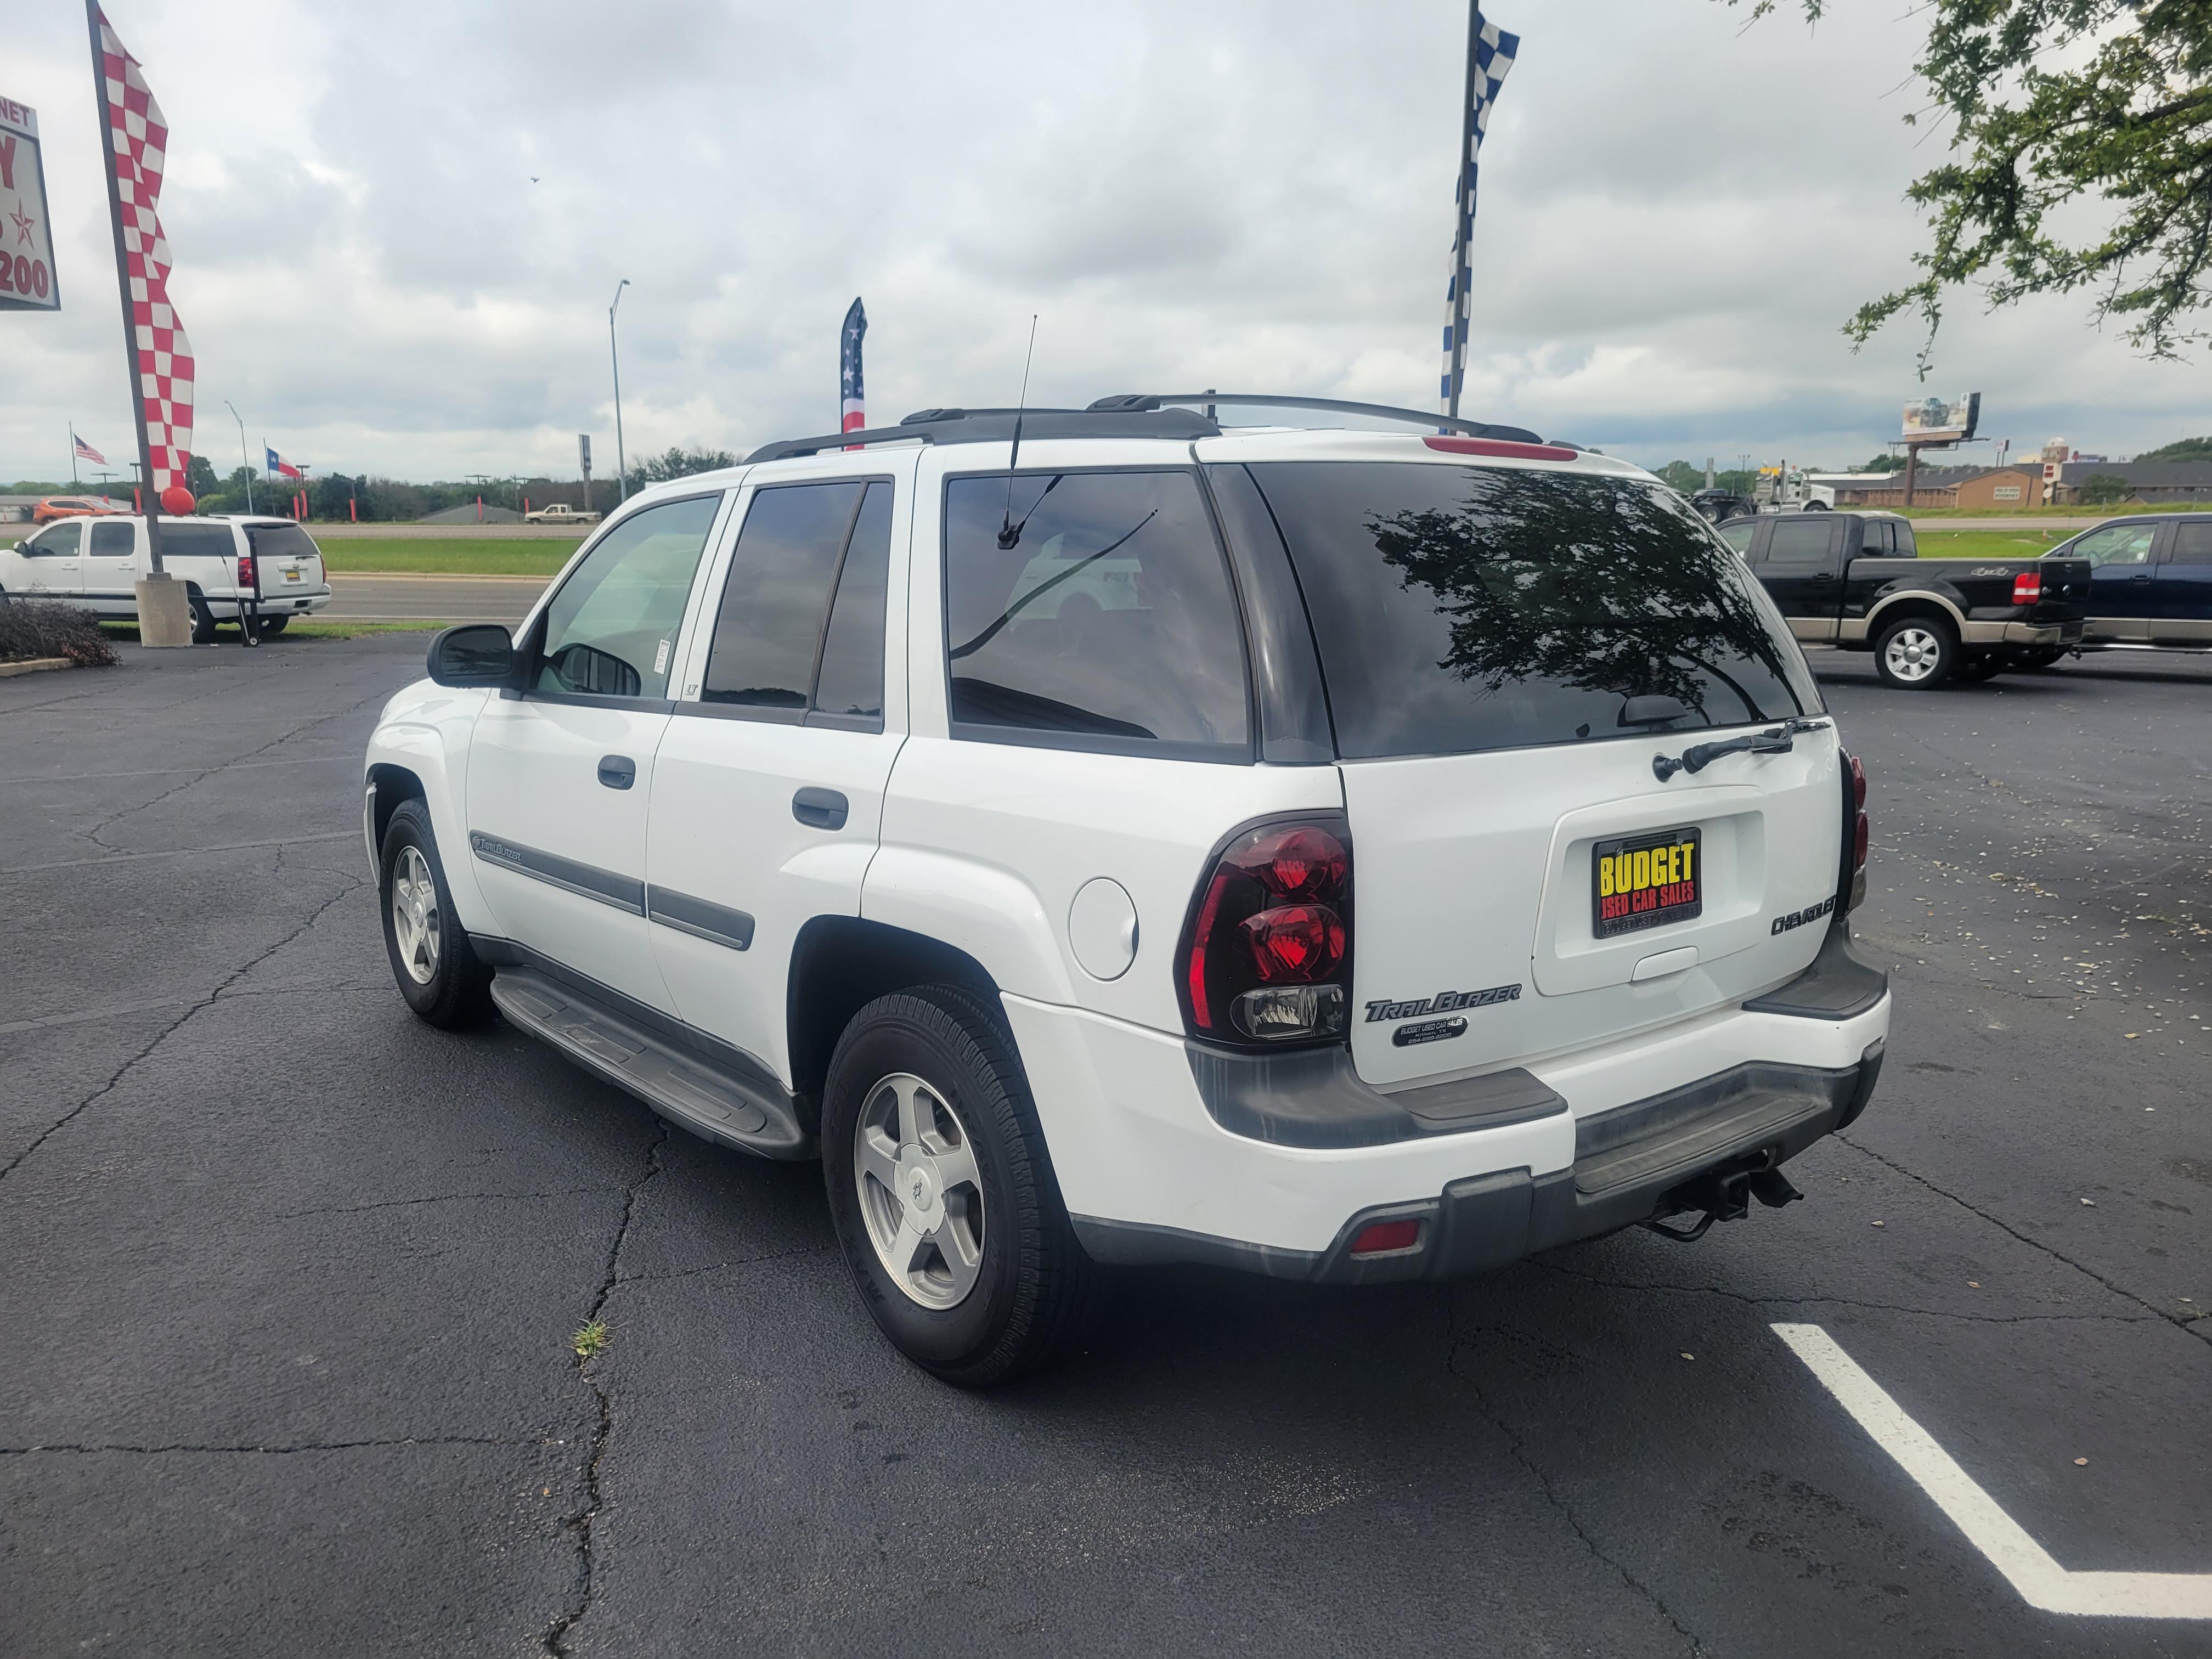 used vehicle - SUV CHEVROLET TRAILBLAZER 2002